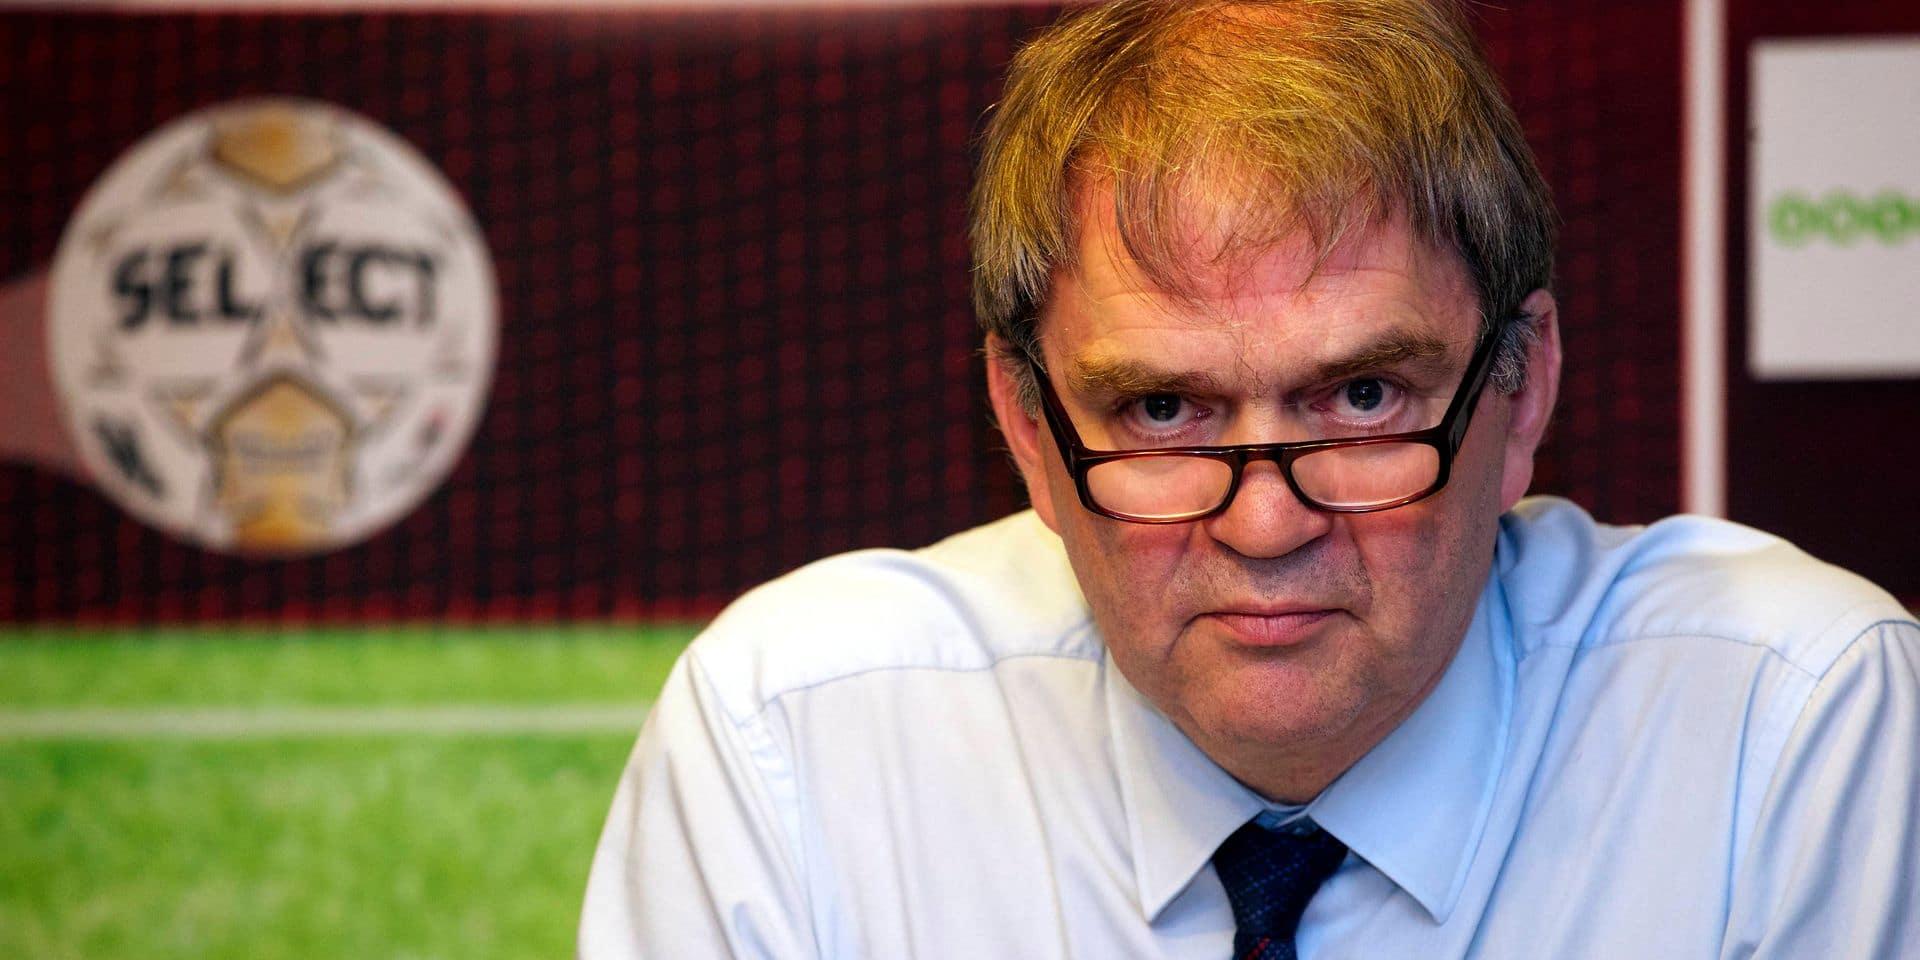 """Footgate: réunion spéciale de la Pro League ce mercredi pour """"s'attaquer au problème à la racine"""""""